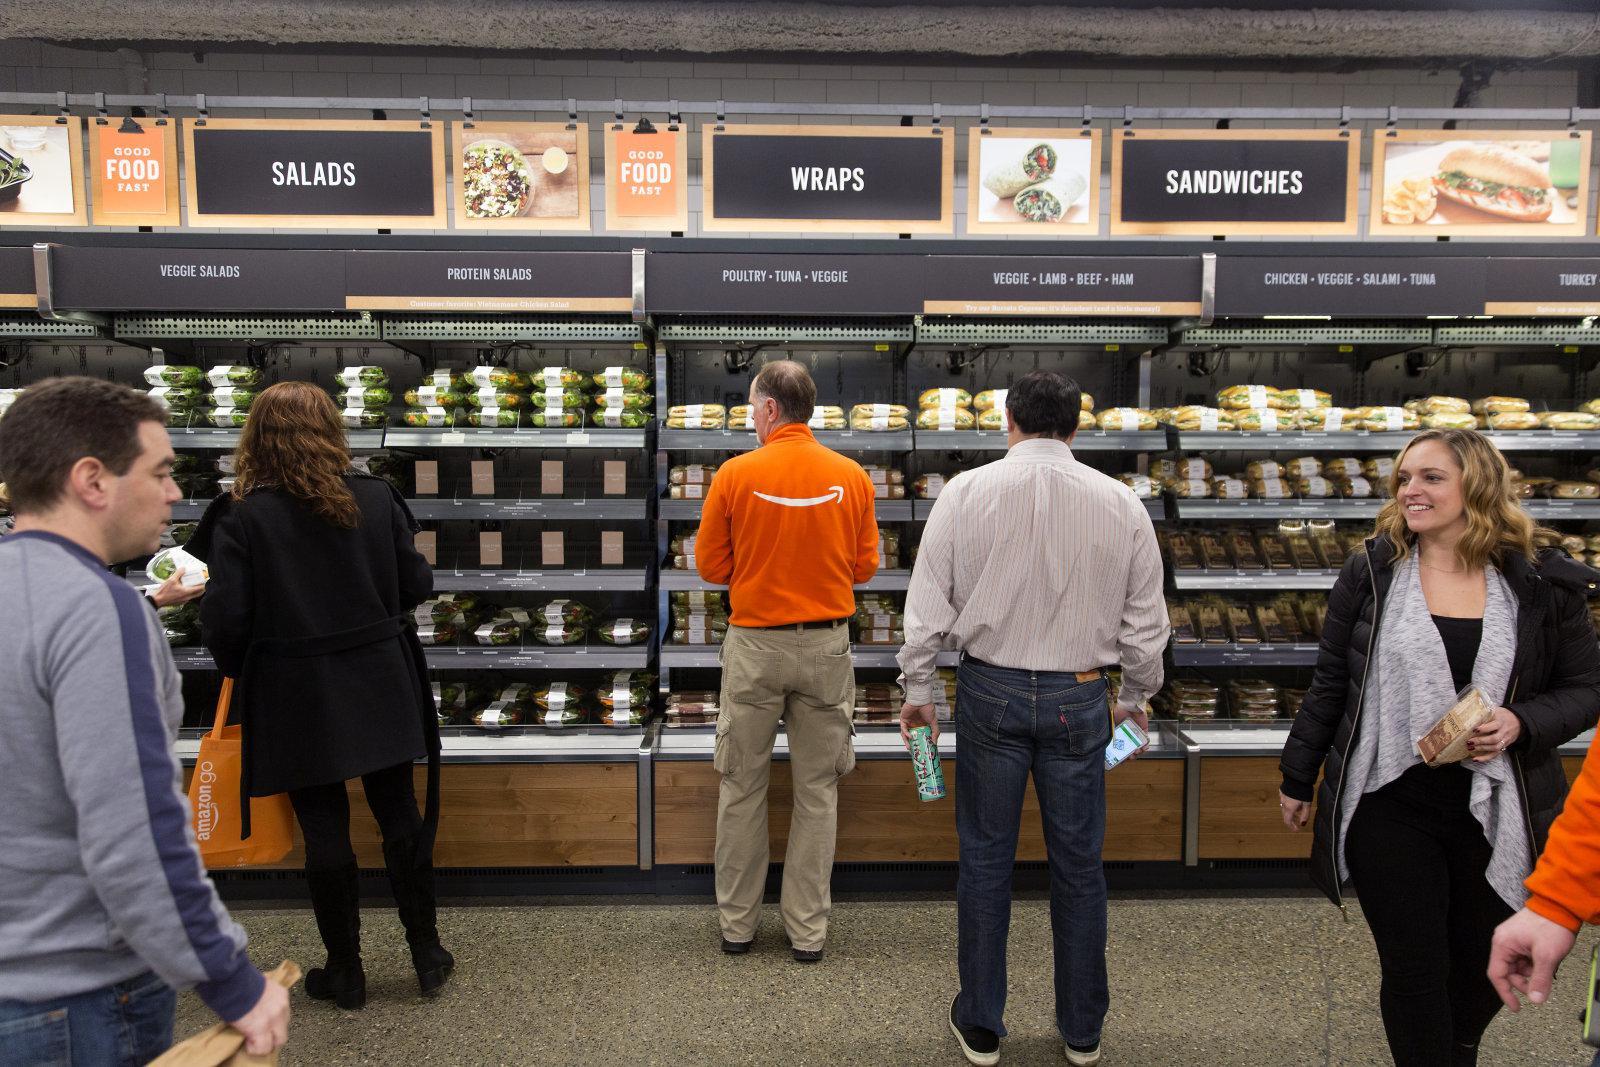 在Amazon Go 全自动超市购物是一种什么样的体验?